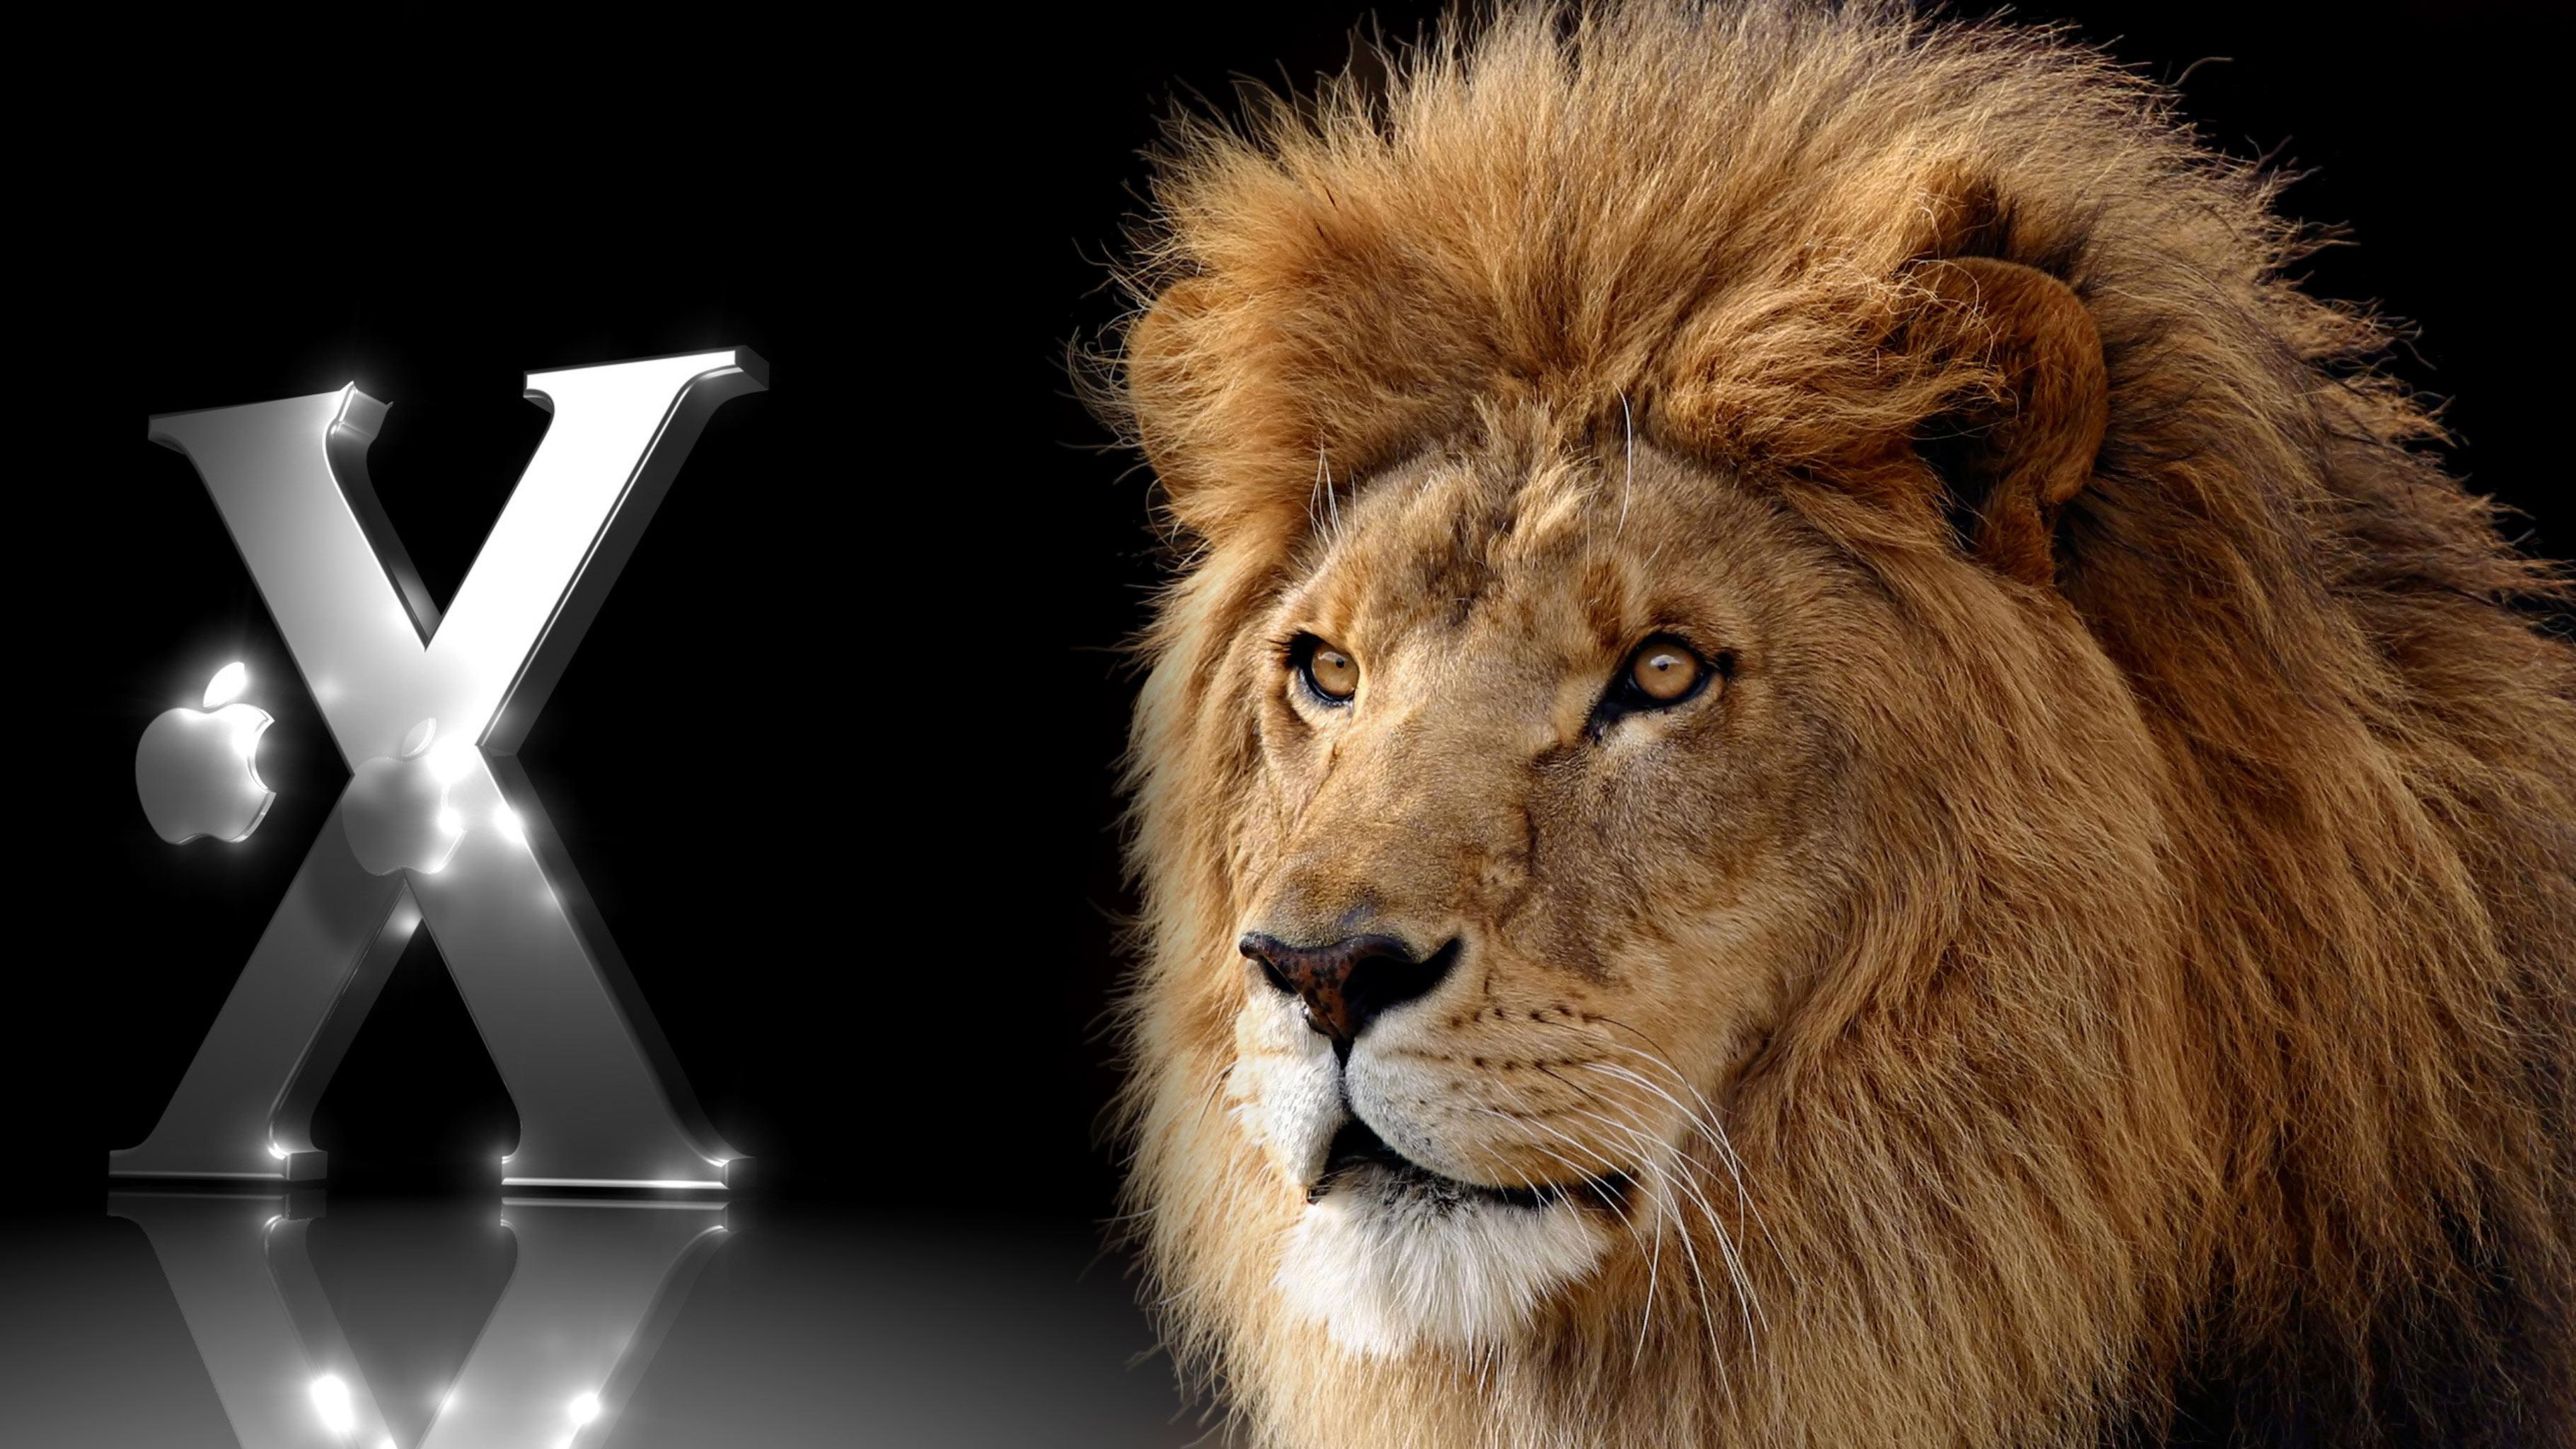 Fonds dcran Mac Os X Lion tous les wallpapers Mac Os X Lion 3641x2048